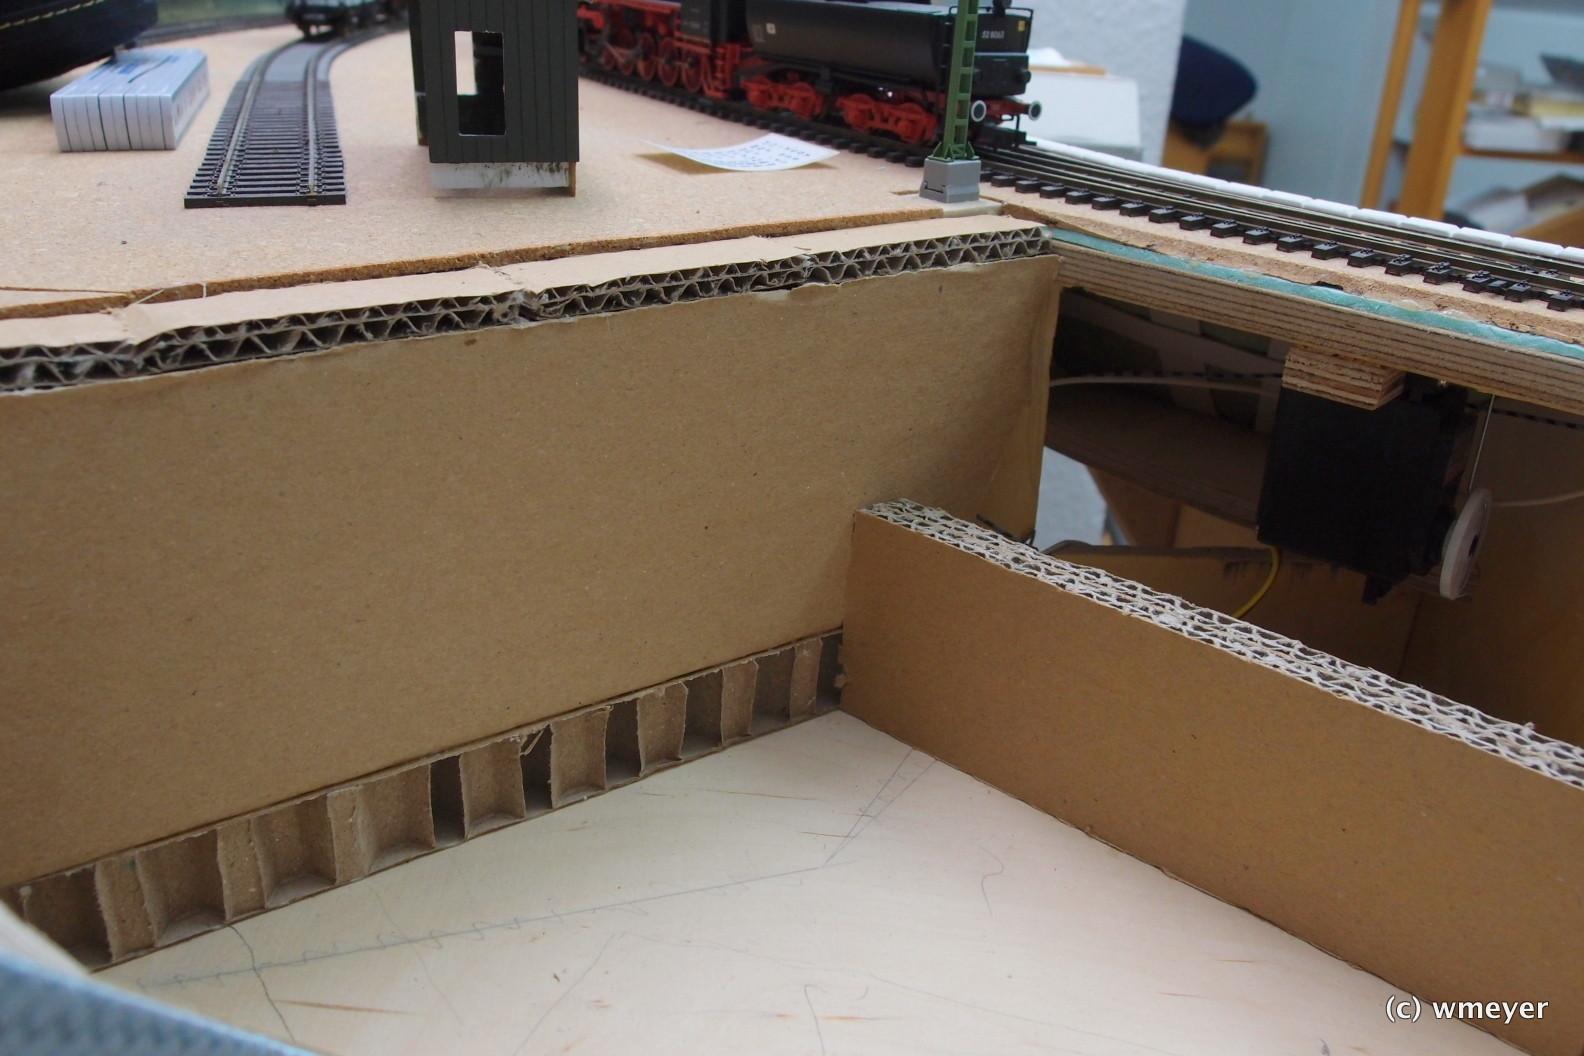 Dicker Wellkarton/Verpackungsmaterial als Landschaftsgrundlage